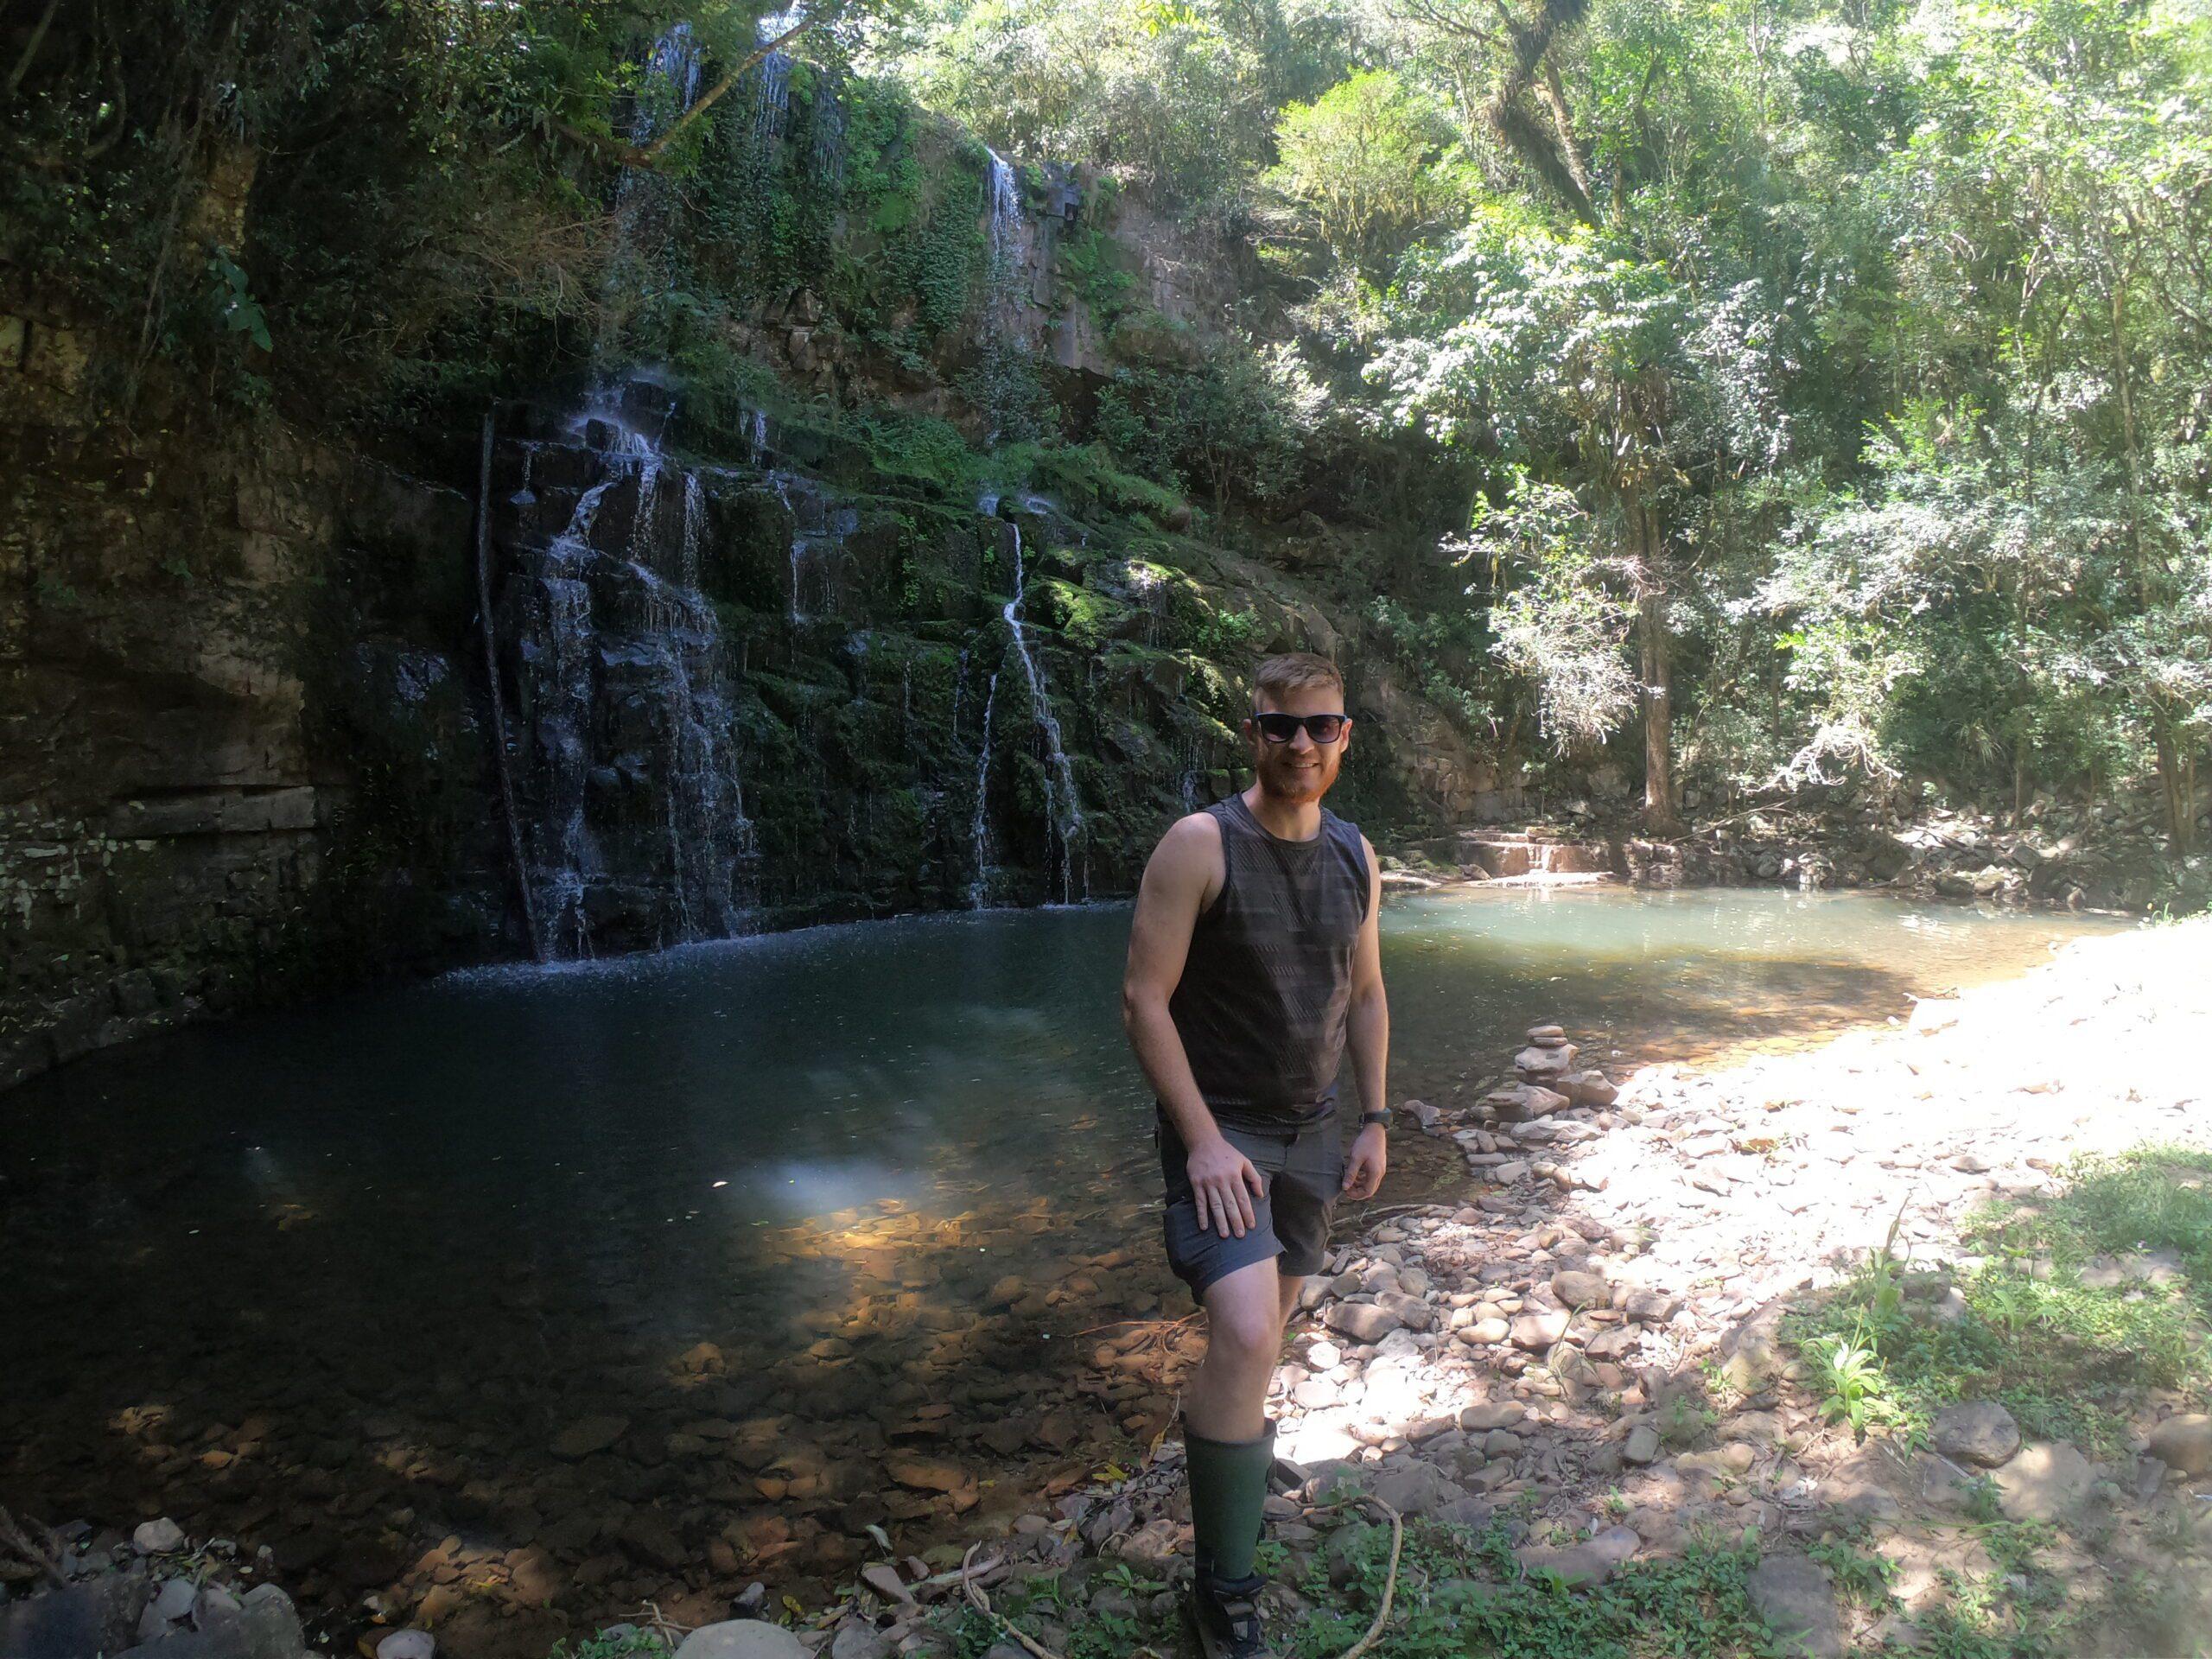 Cascata da Capivara